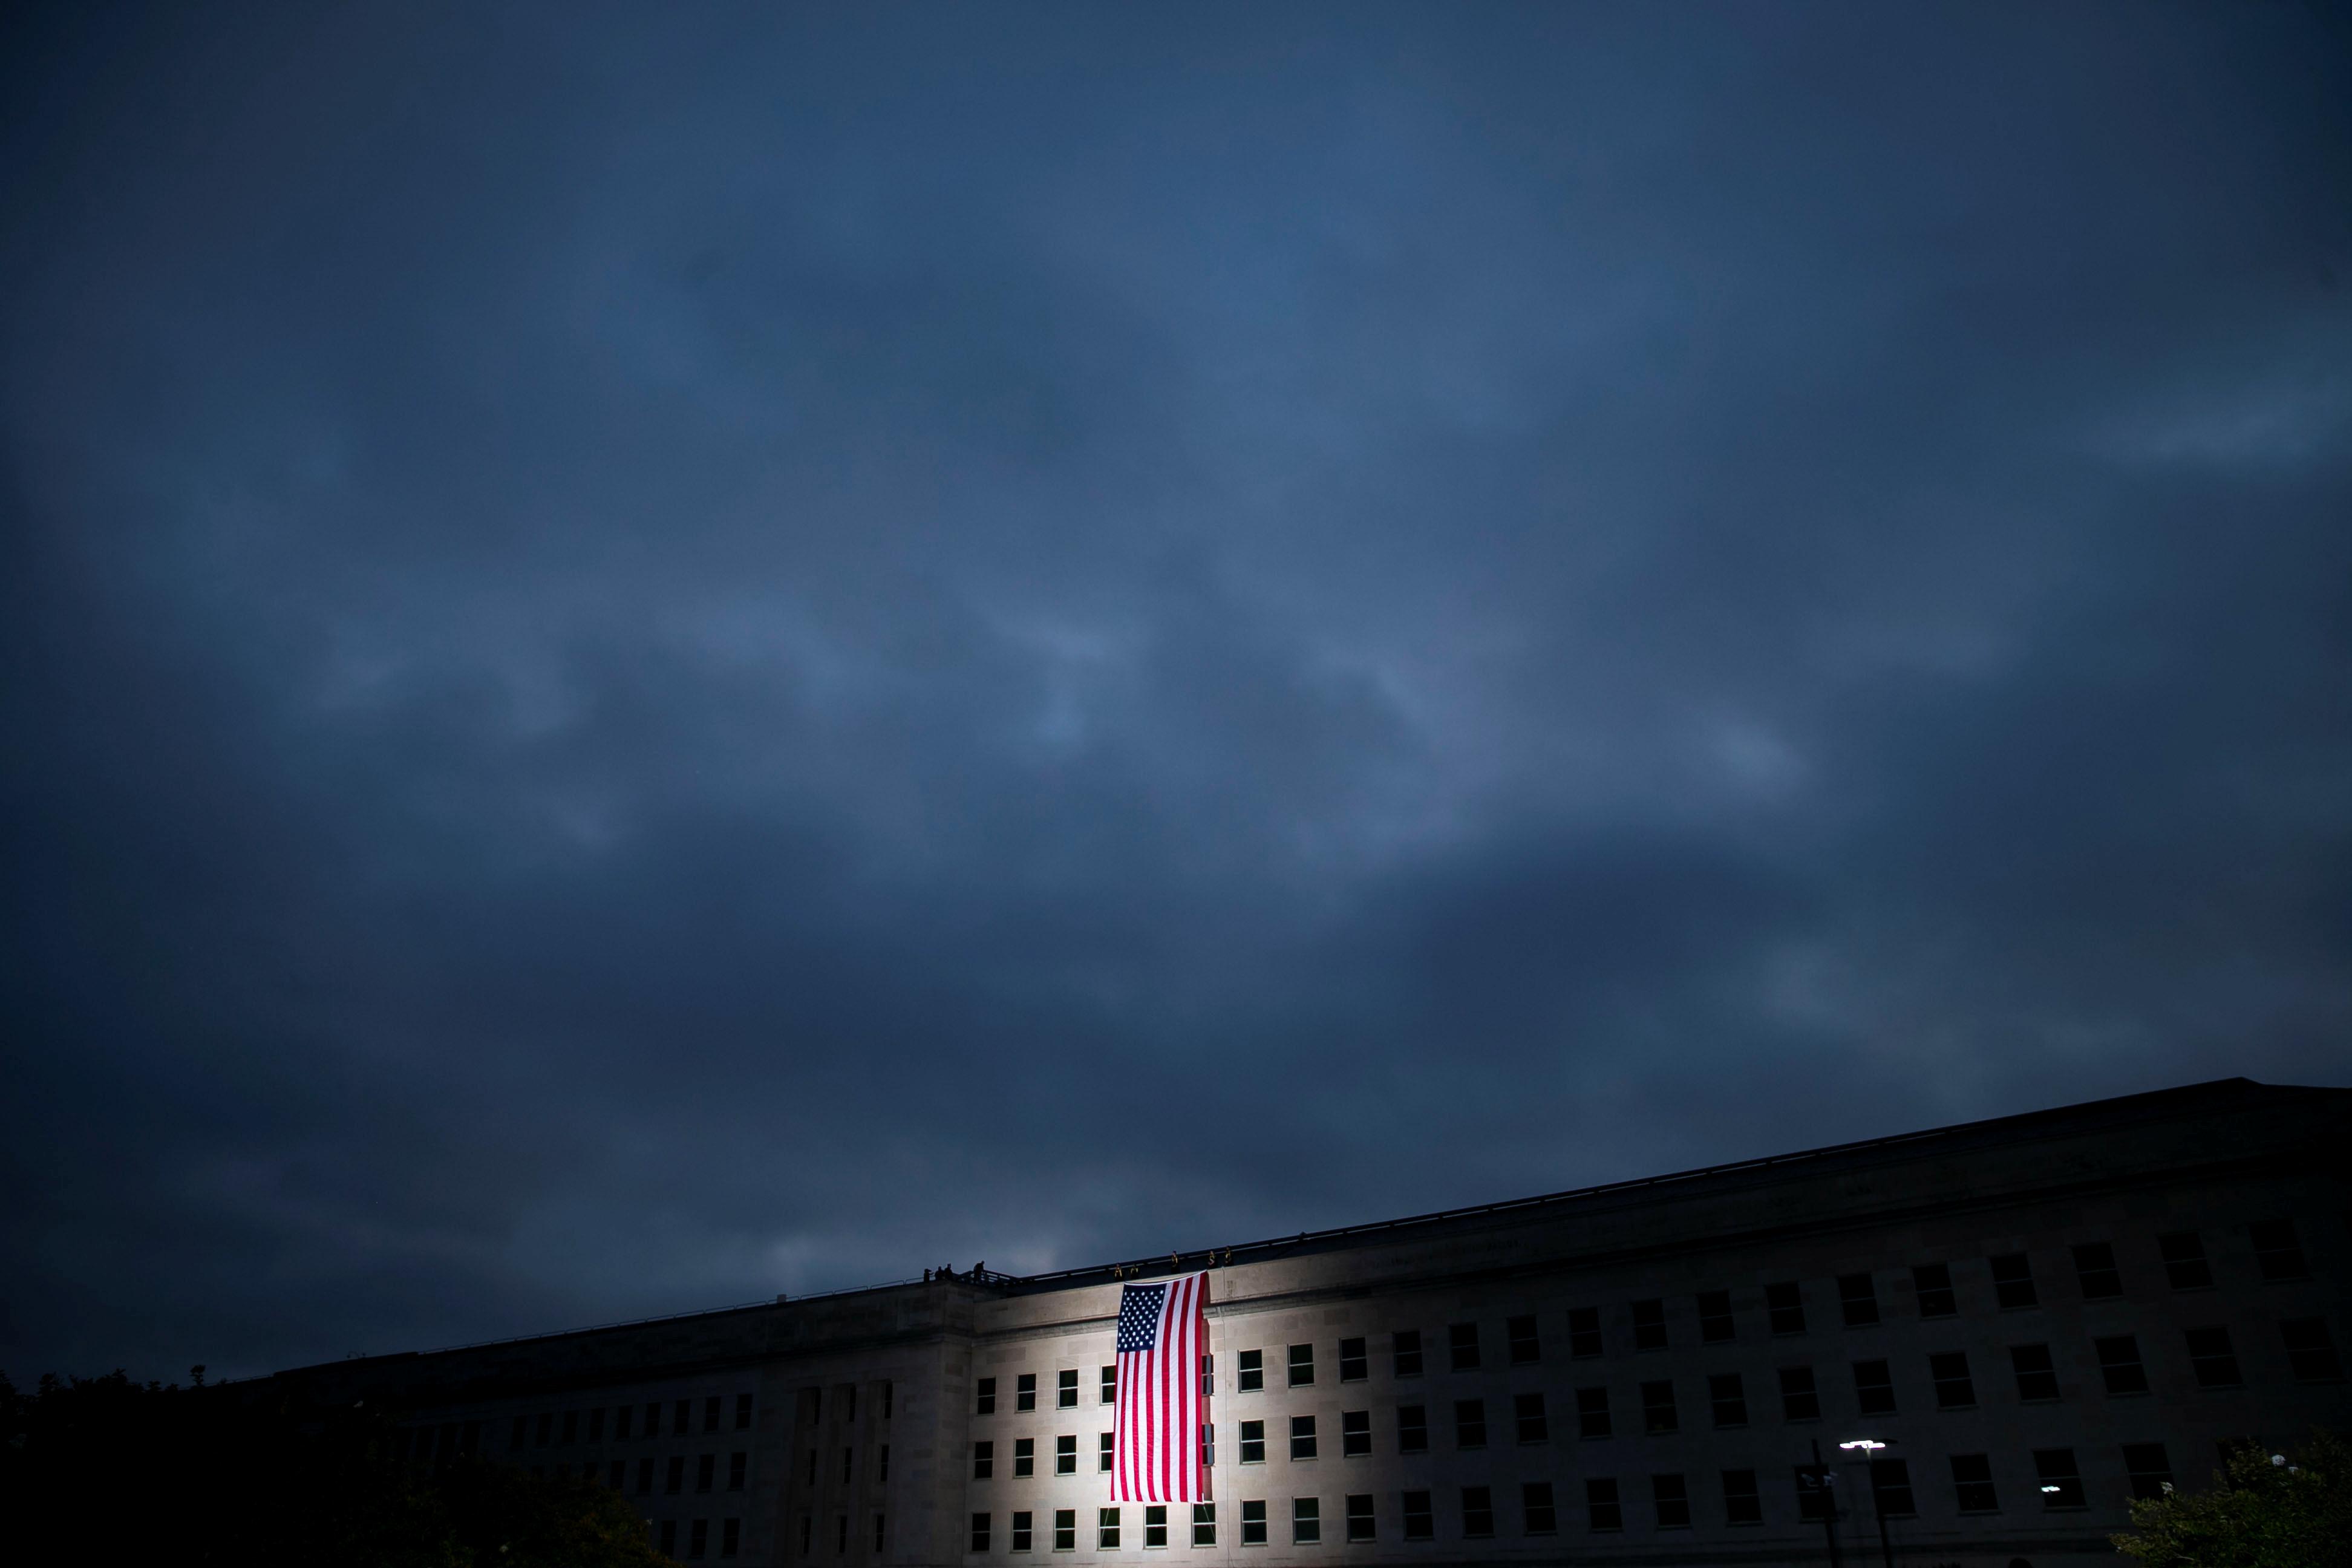 تنكيس الأعلام أحد مظاهر الحداد بأمريكا